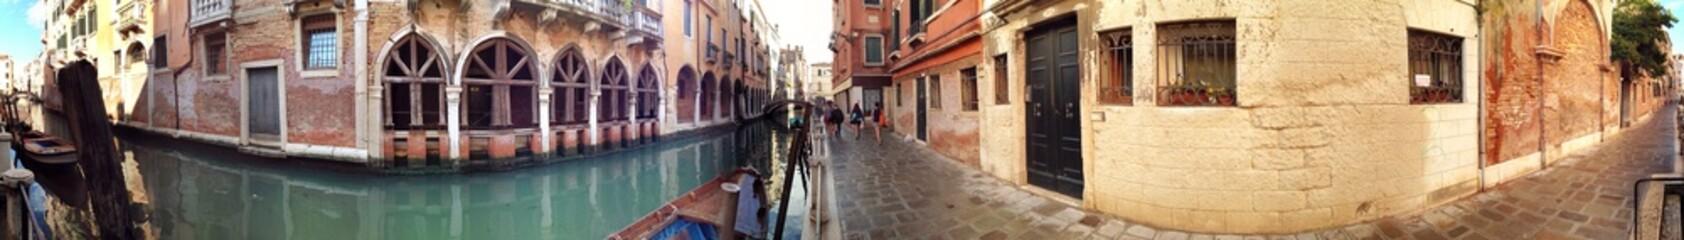 Panorama in Altstadt von Venedig